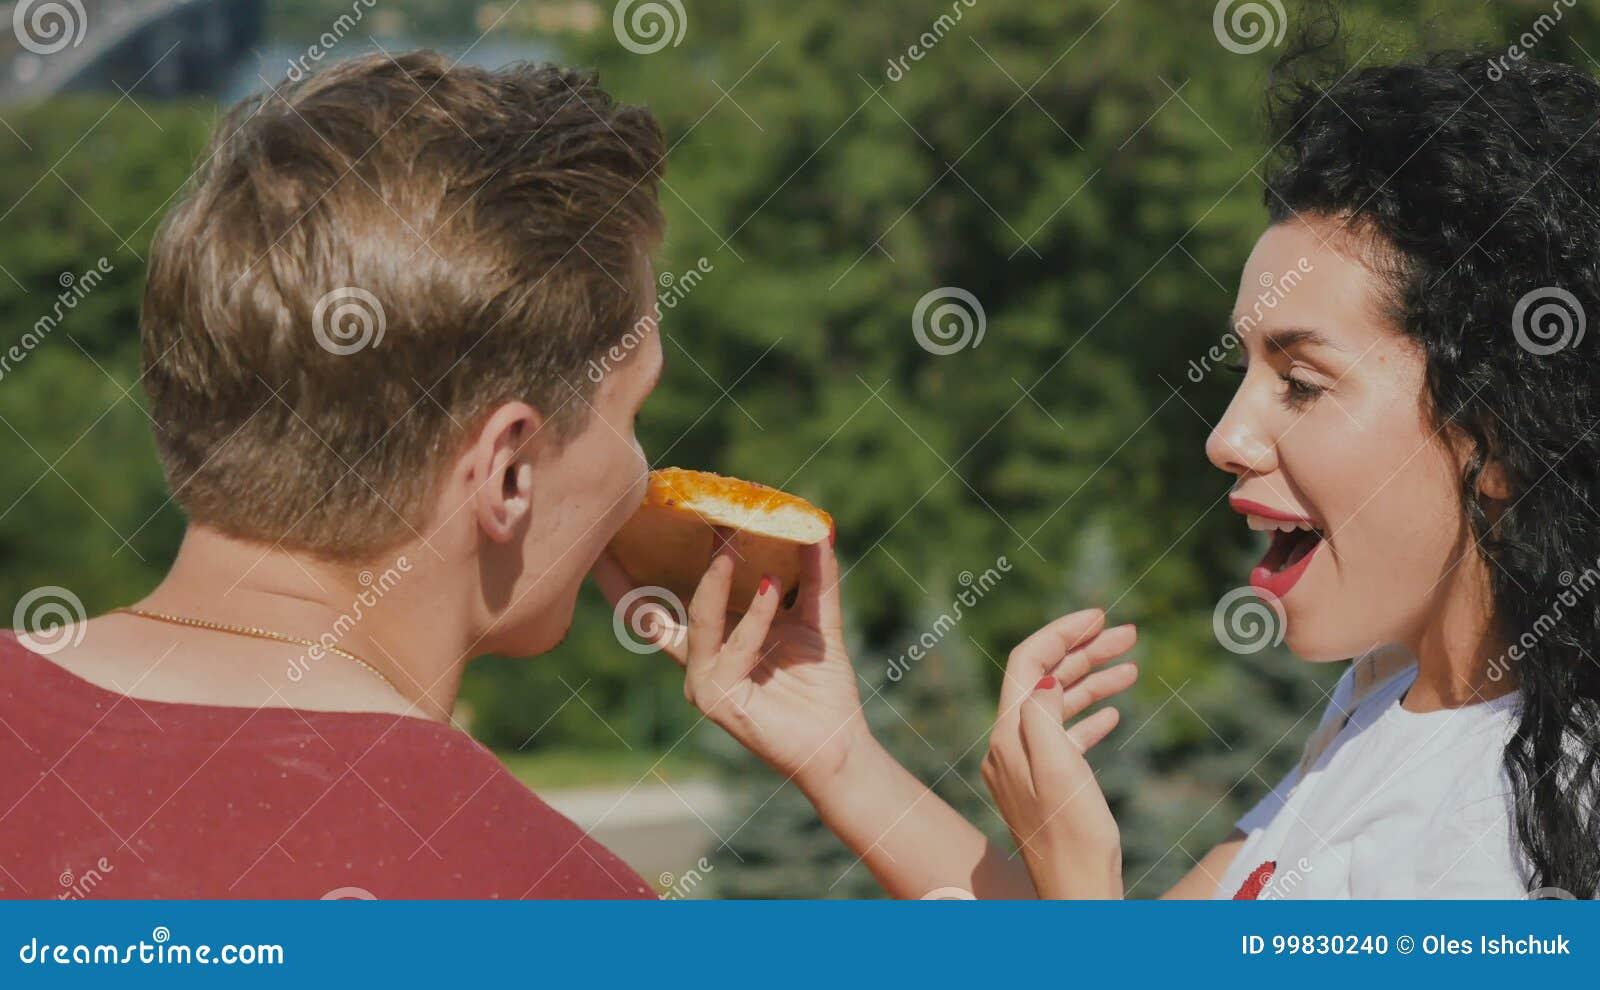 boyfriend Girl eats